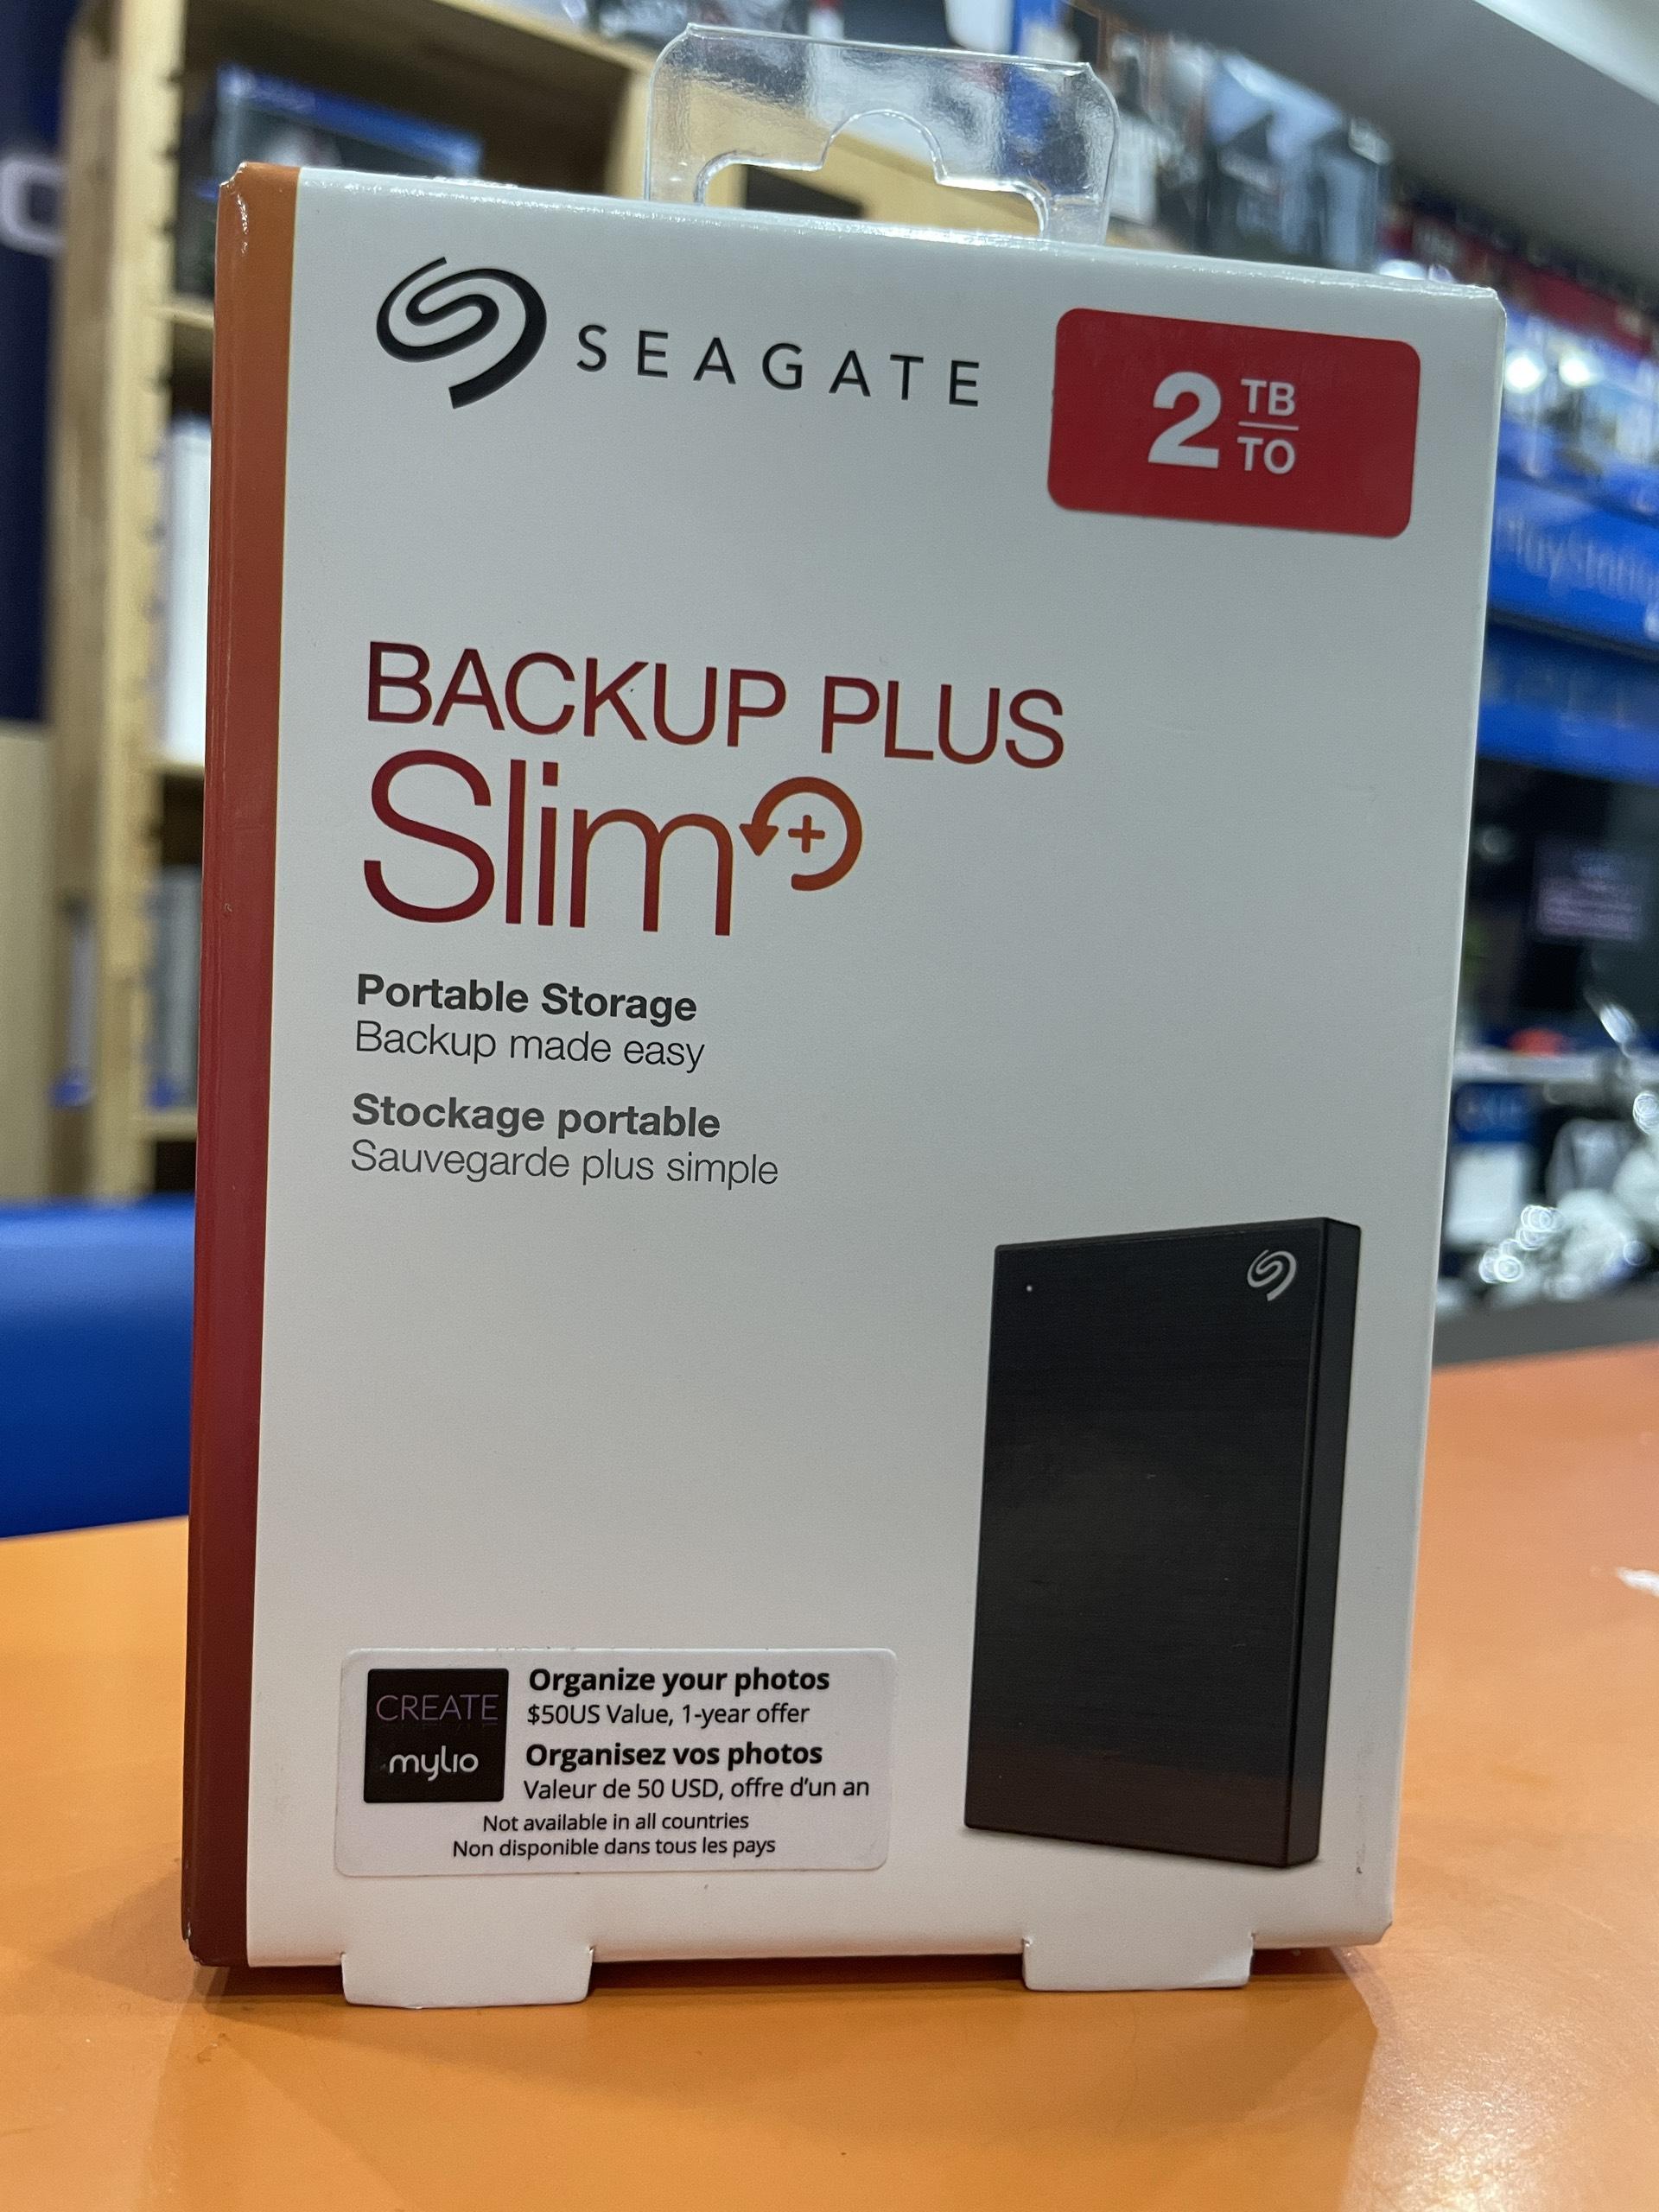 Ổ CỨNG GẮN NGOÀI HDD 2TB USB 3.0 SEAGATE